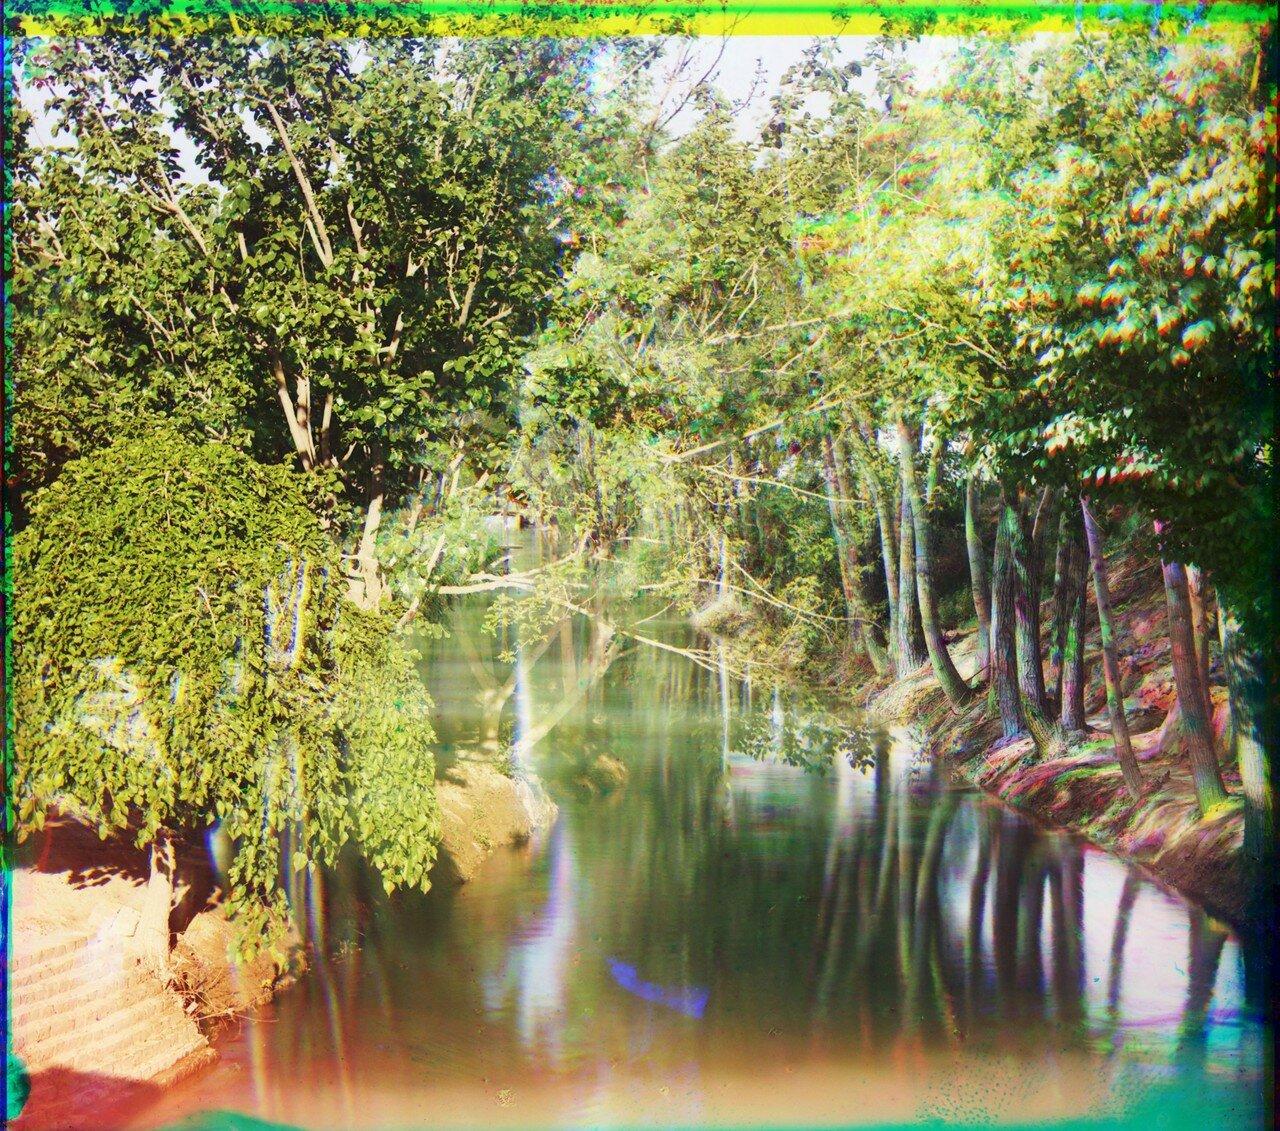 Окрестности Мерва. Байрам-Али. Оросительный канал (арык) в Мургабском имении